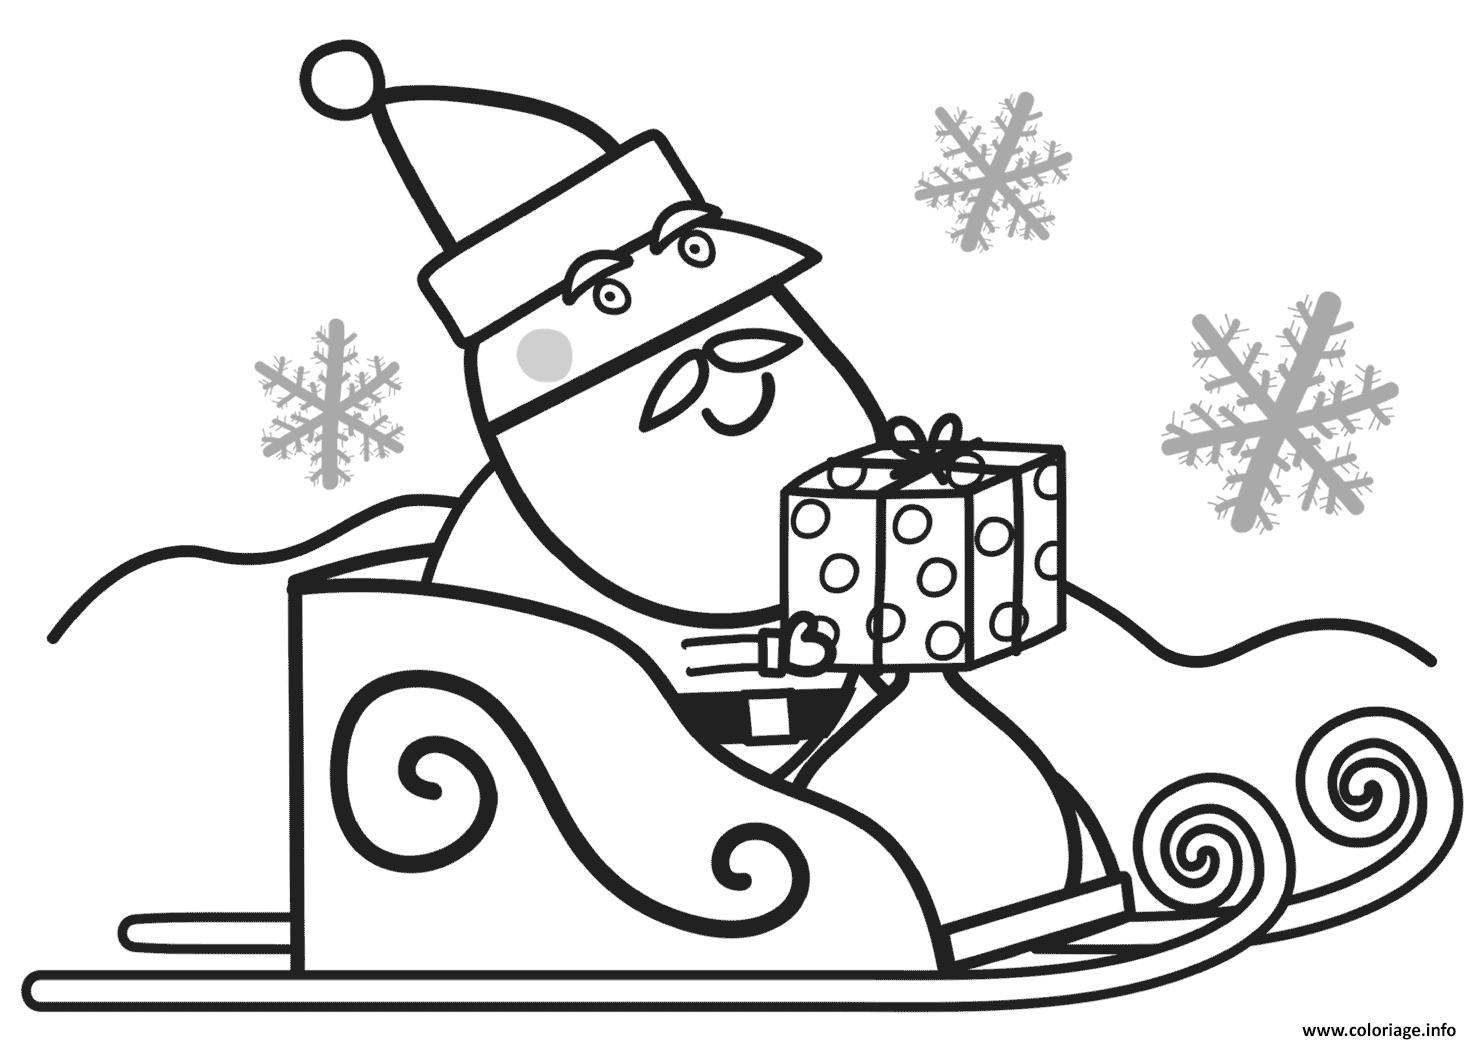 Coloriage Pere Noel Avec Des Cadeaux Pour Peppa Pig Dessin